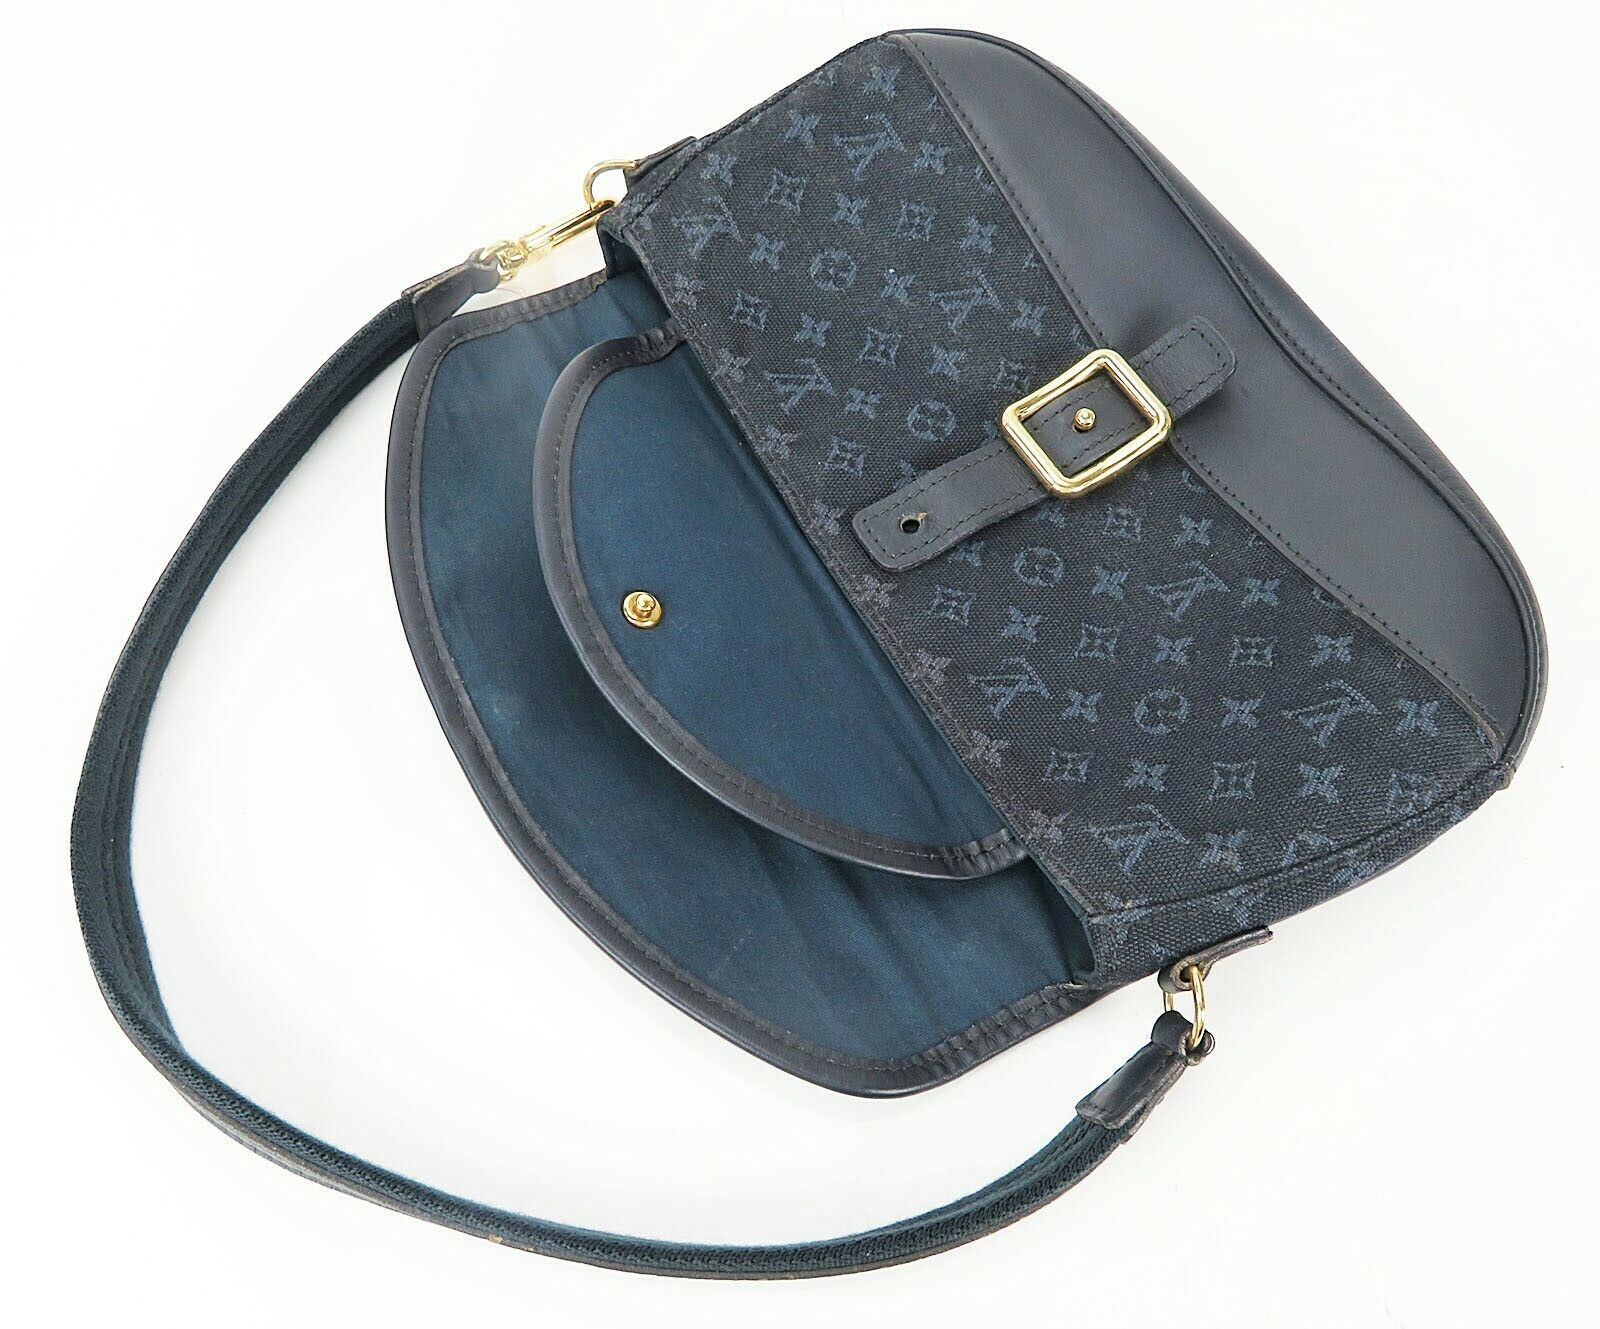 Authentic LOUIS VUITTON Marjorie Blue Monogram Mini Lin Shoulder Bag #34709 image 8